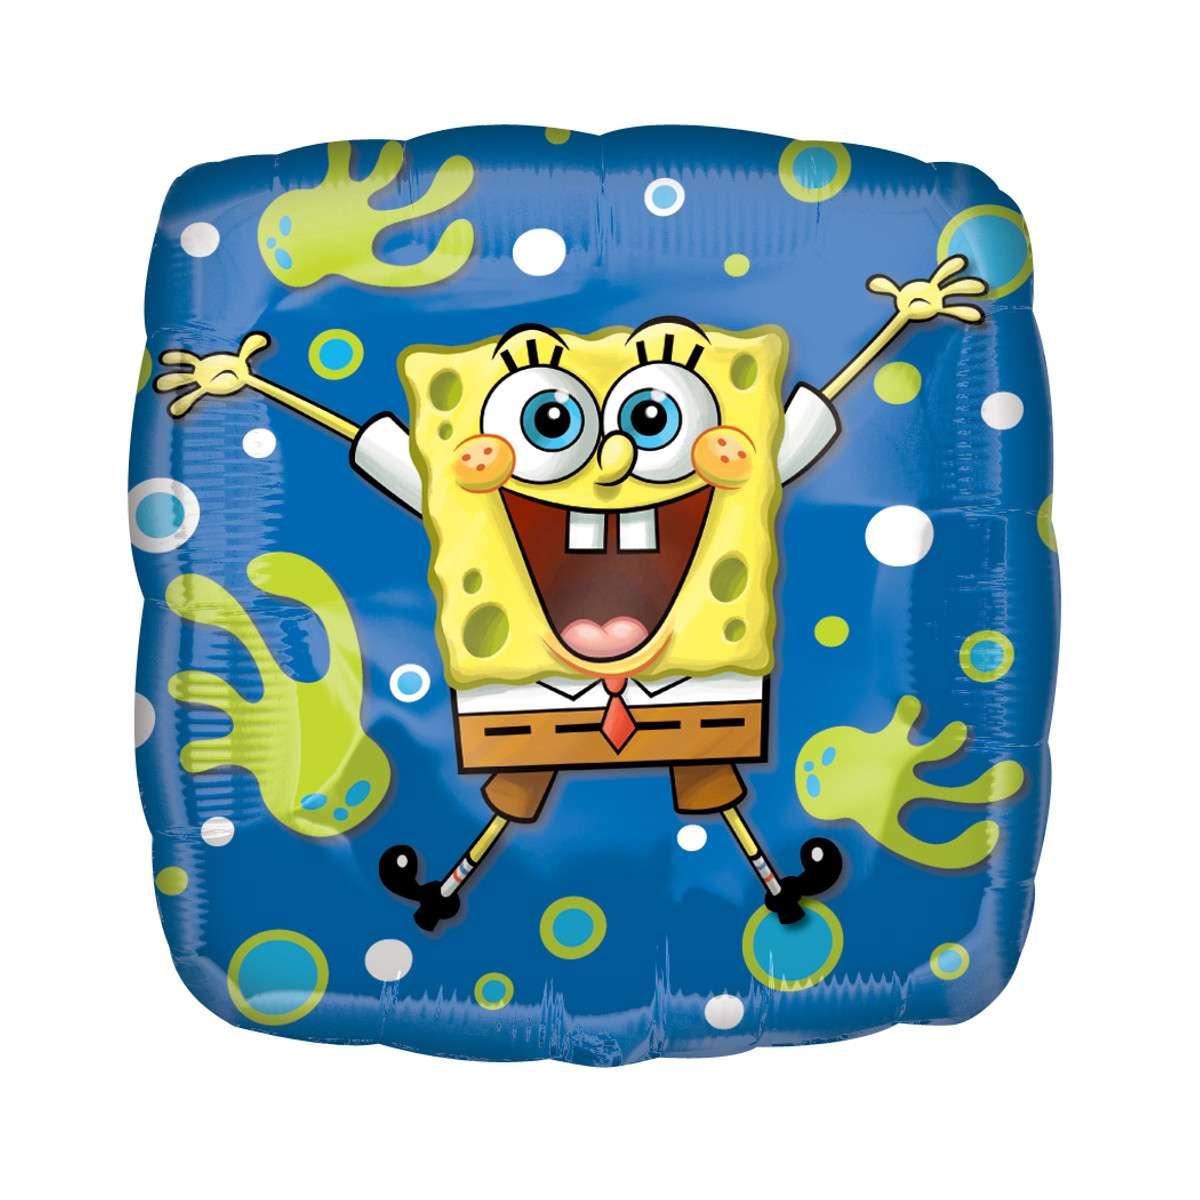 Idee Regalo Spos: Regalo Palloncino A Elio Spongebob